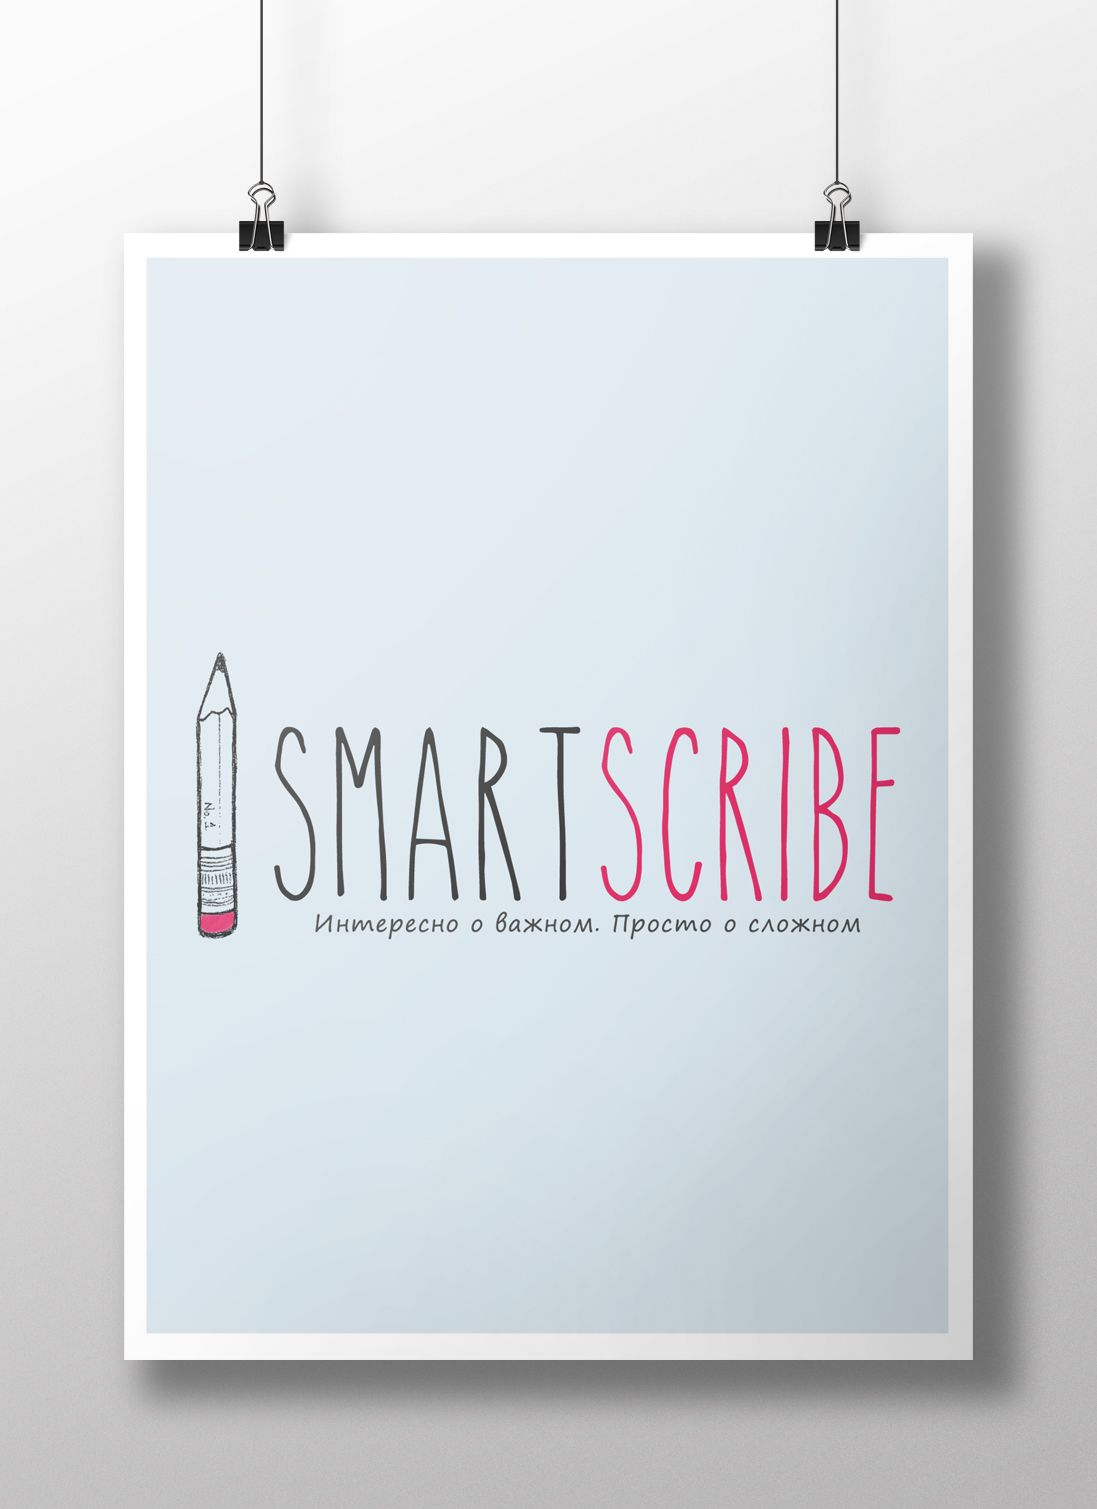 Лого, визитка и шаблон презентации для SmartScribe - дизайнер Garret